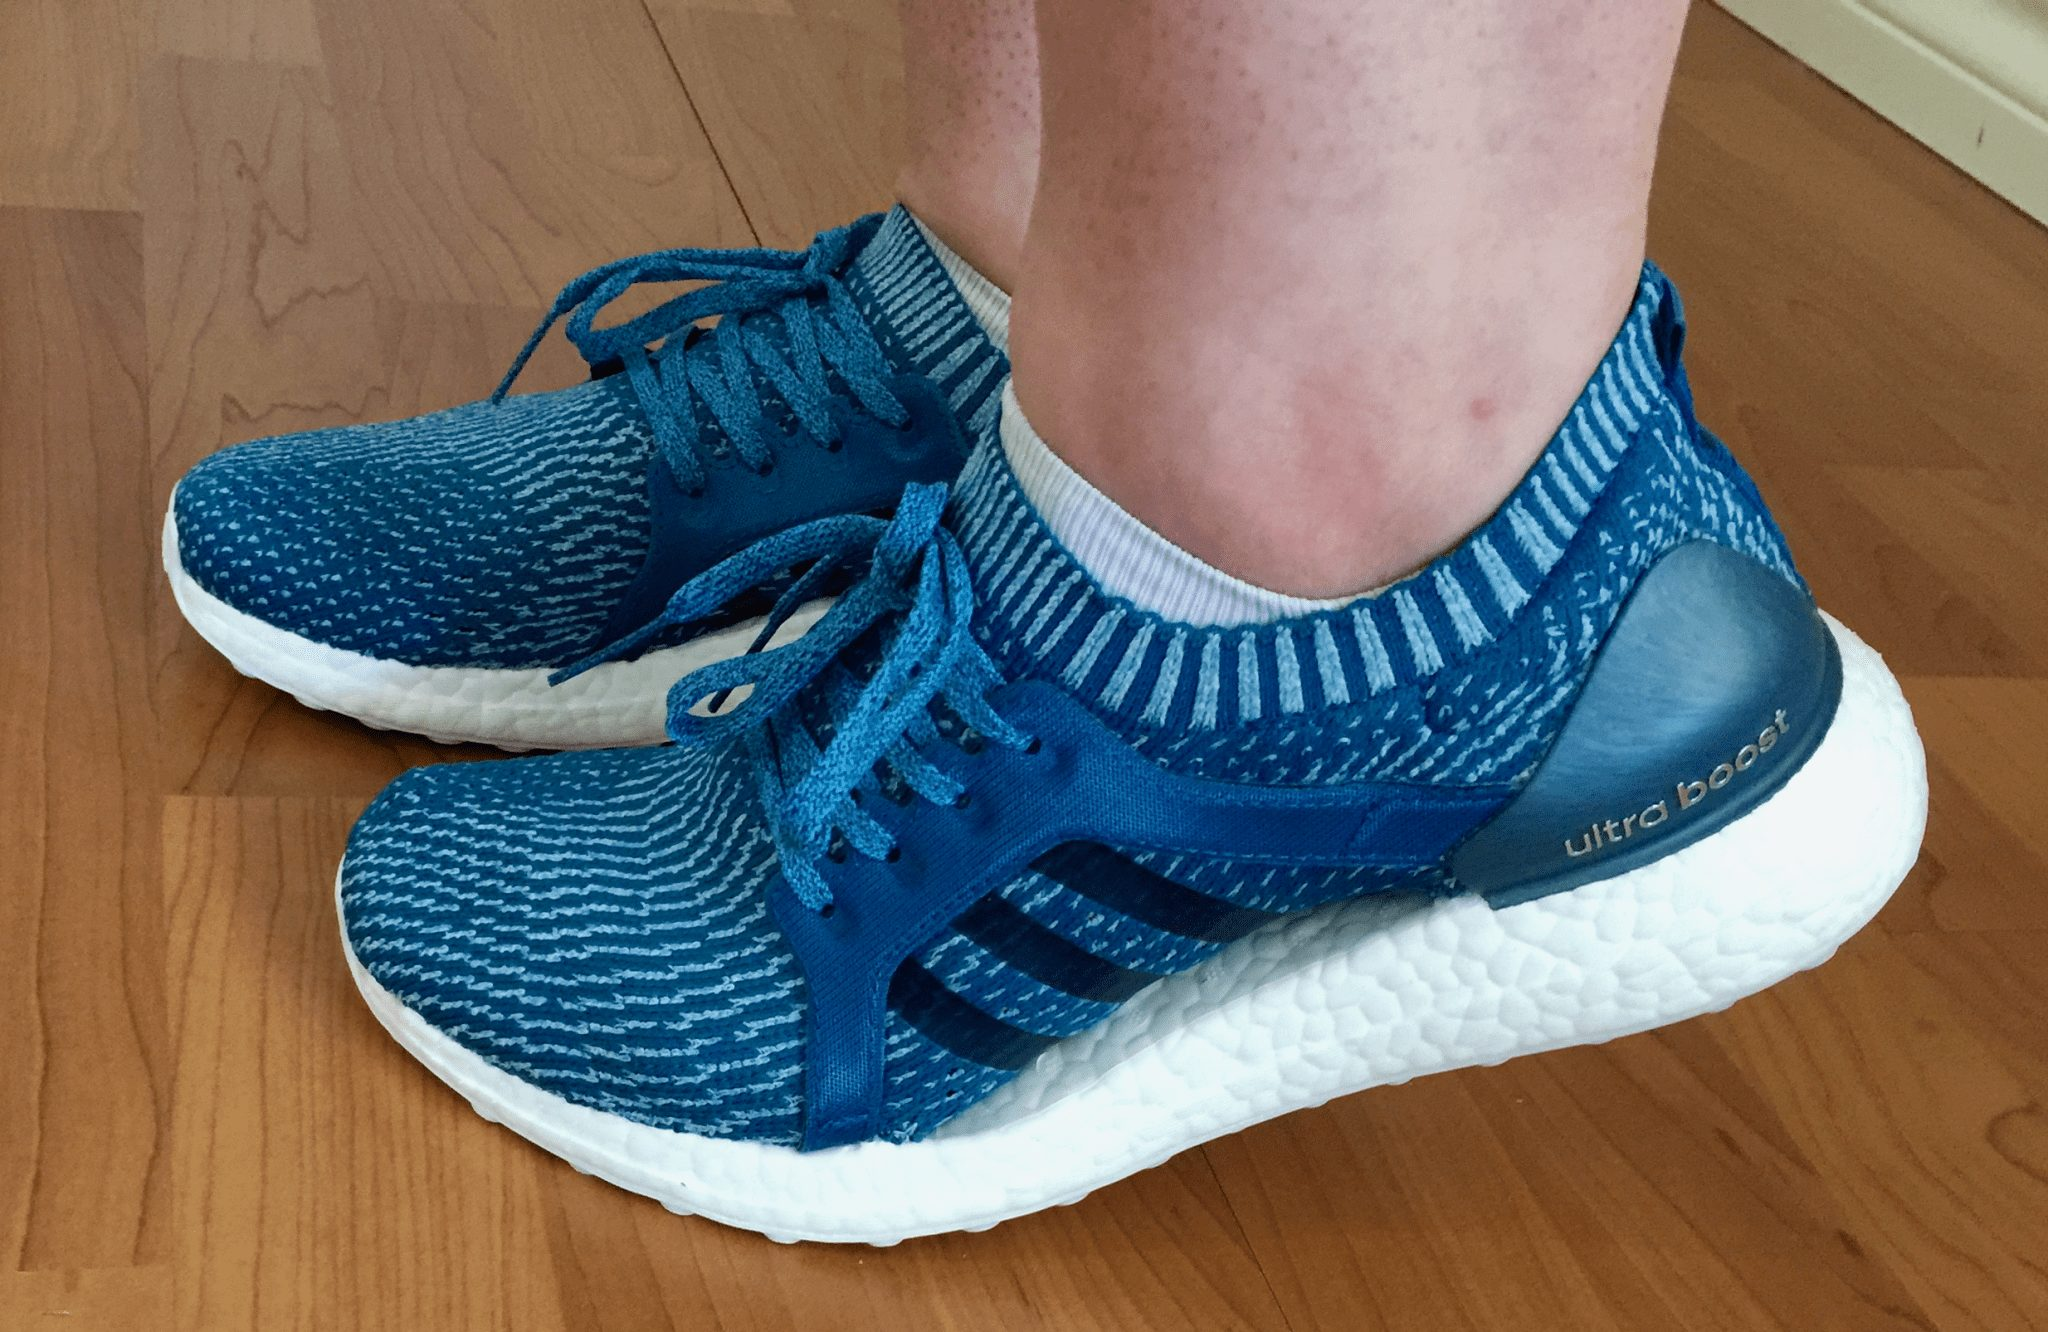 Adidas Ultra Boost X Parley